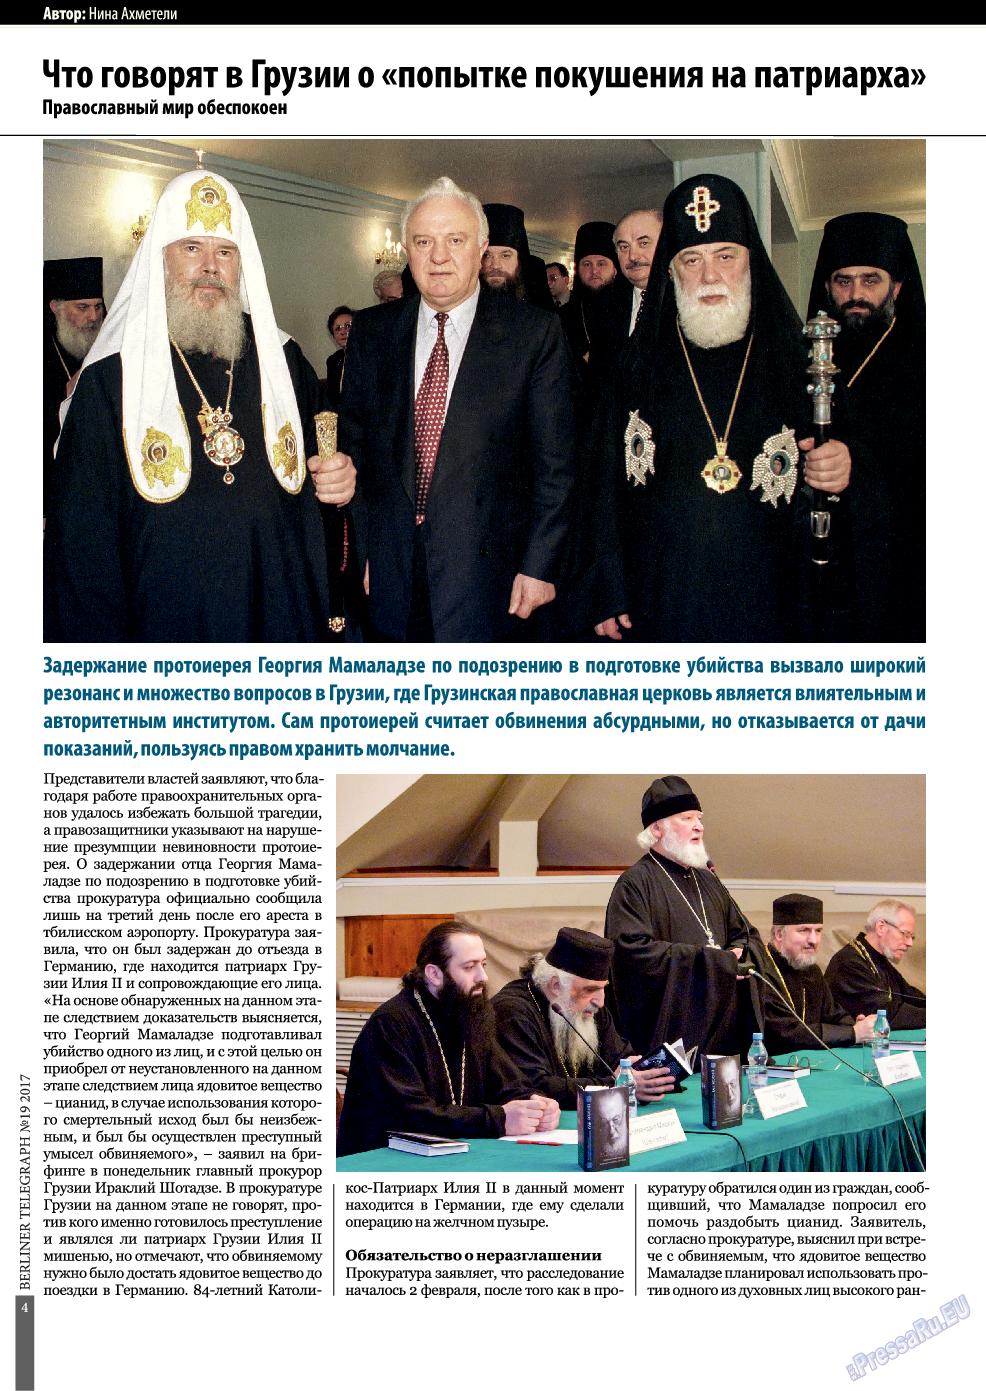 Берлинский телеграф (журнал). 2017 год, номер 19, стр. 4